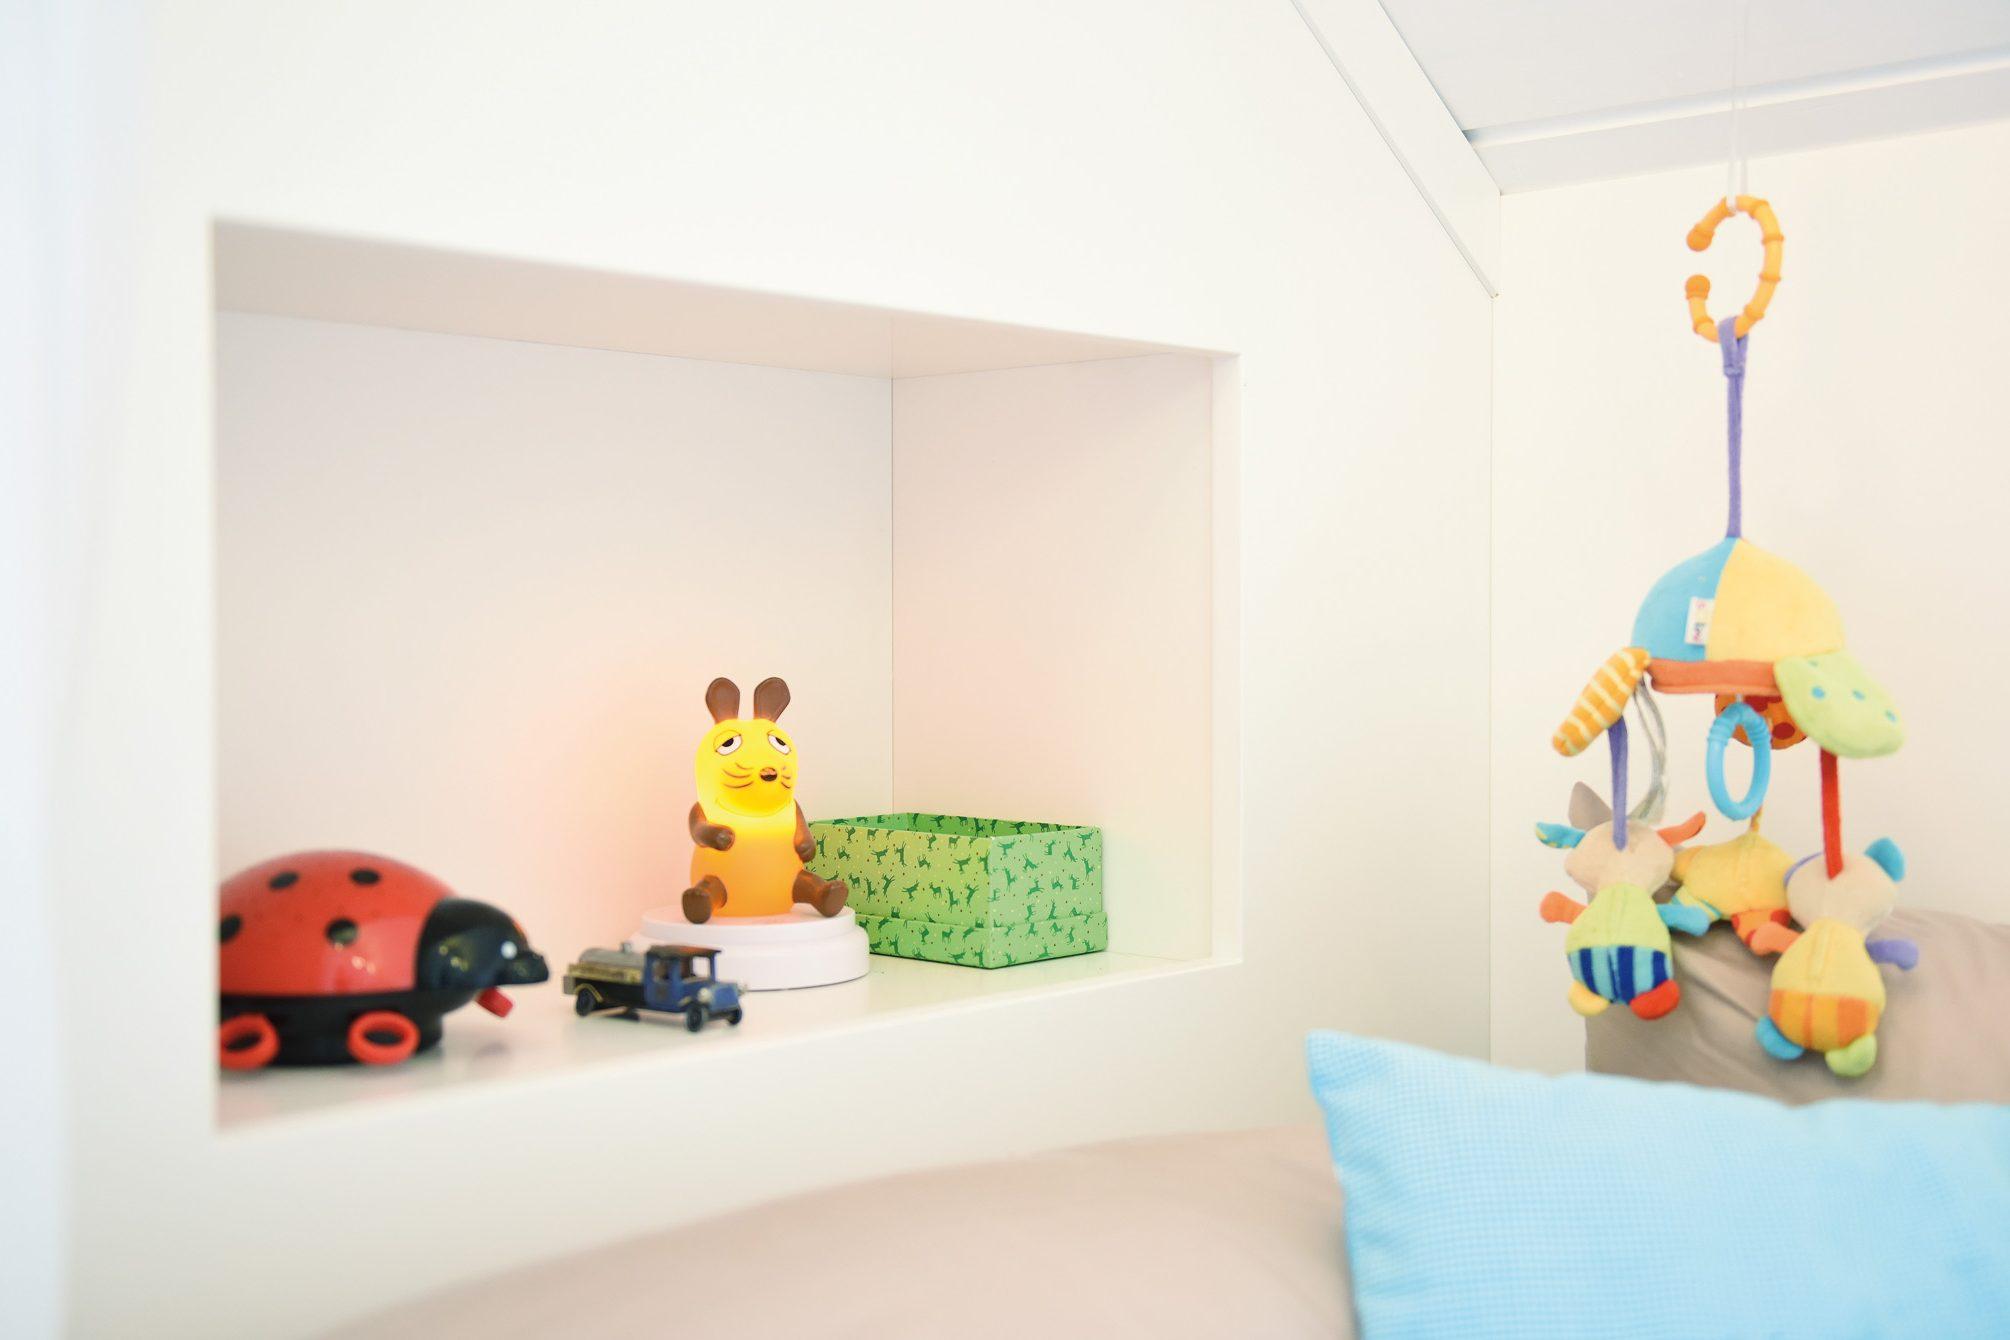 Kinderschlafkoje mit integriertem Einbauschrank